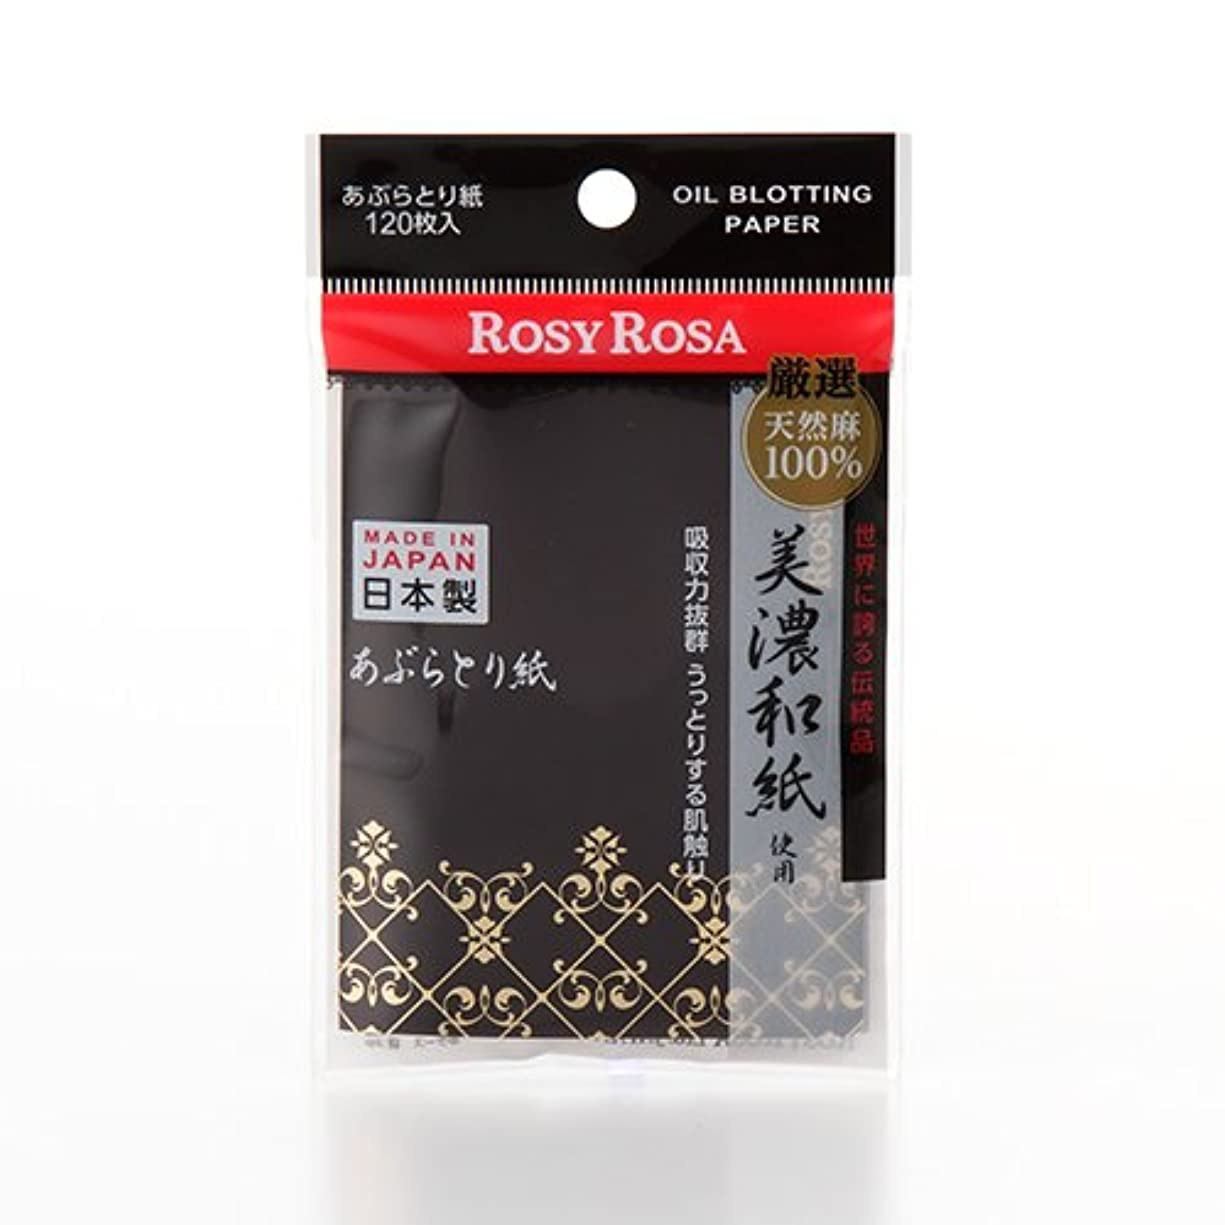 失態ハイジャック添加剤ロージーローザ 美濃和紙天然麻100%あぶらとり紙(120枚入)